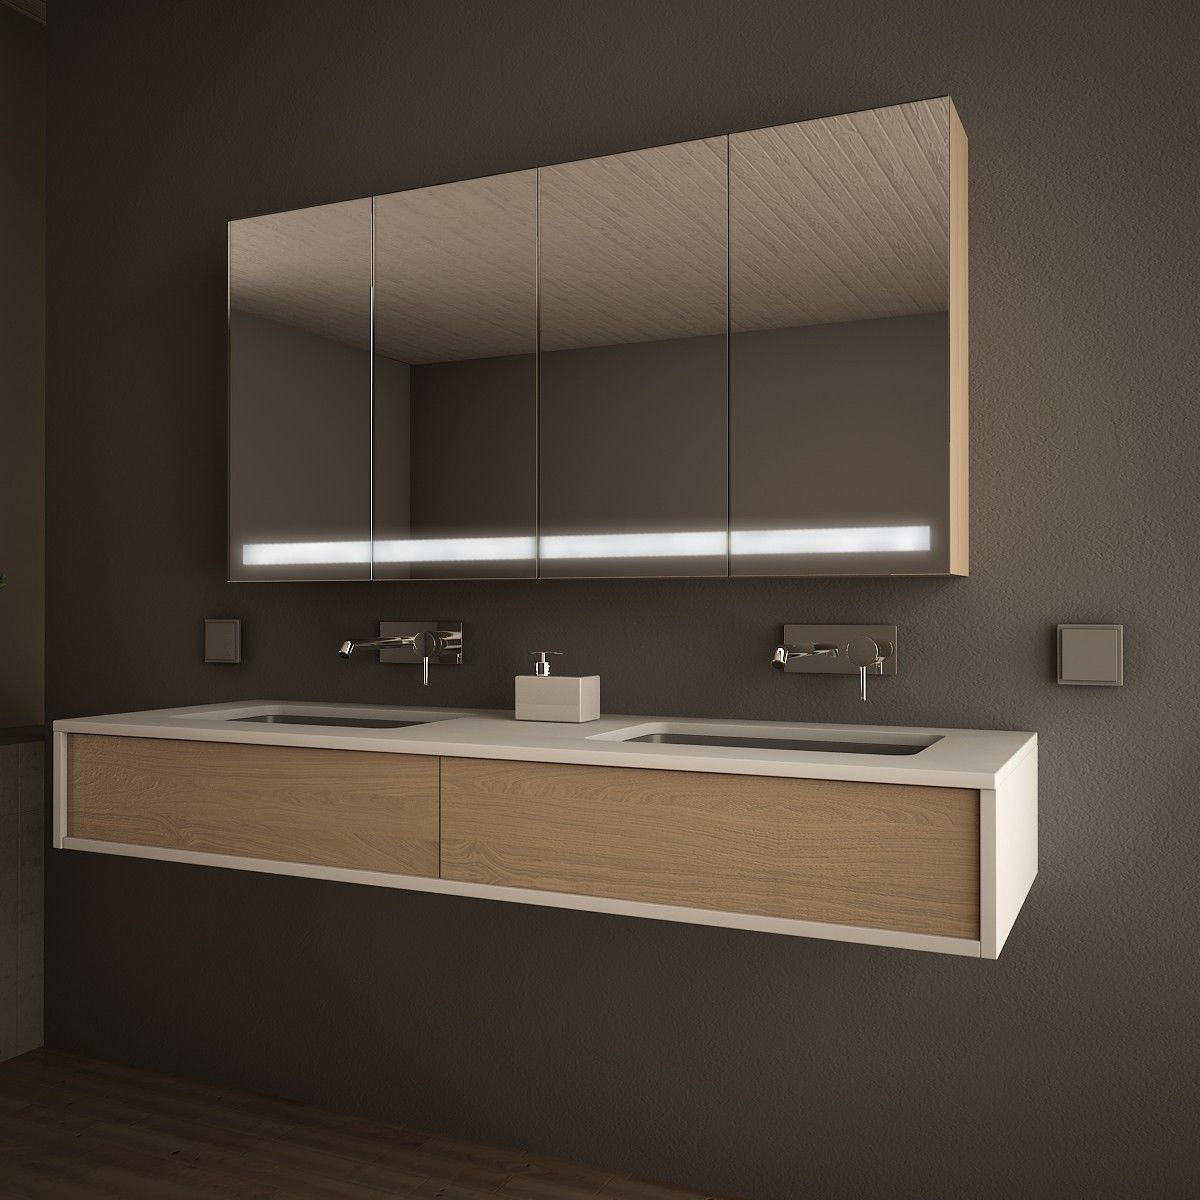 Spiegelschrank Mit Licht Bislungo 989705278 Badezimmer